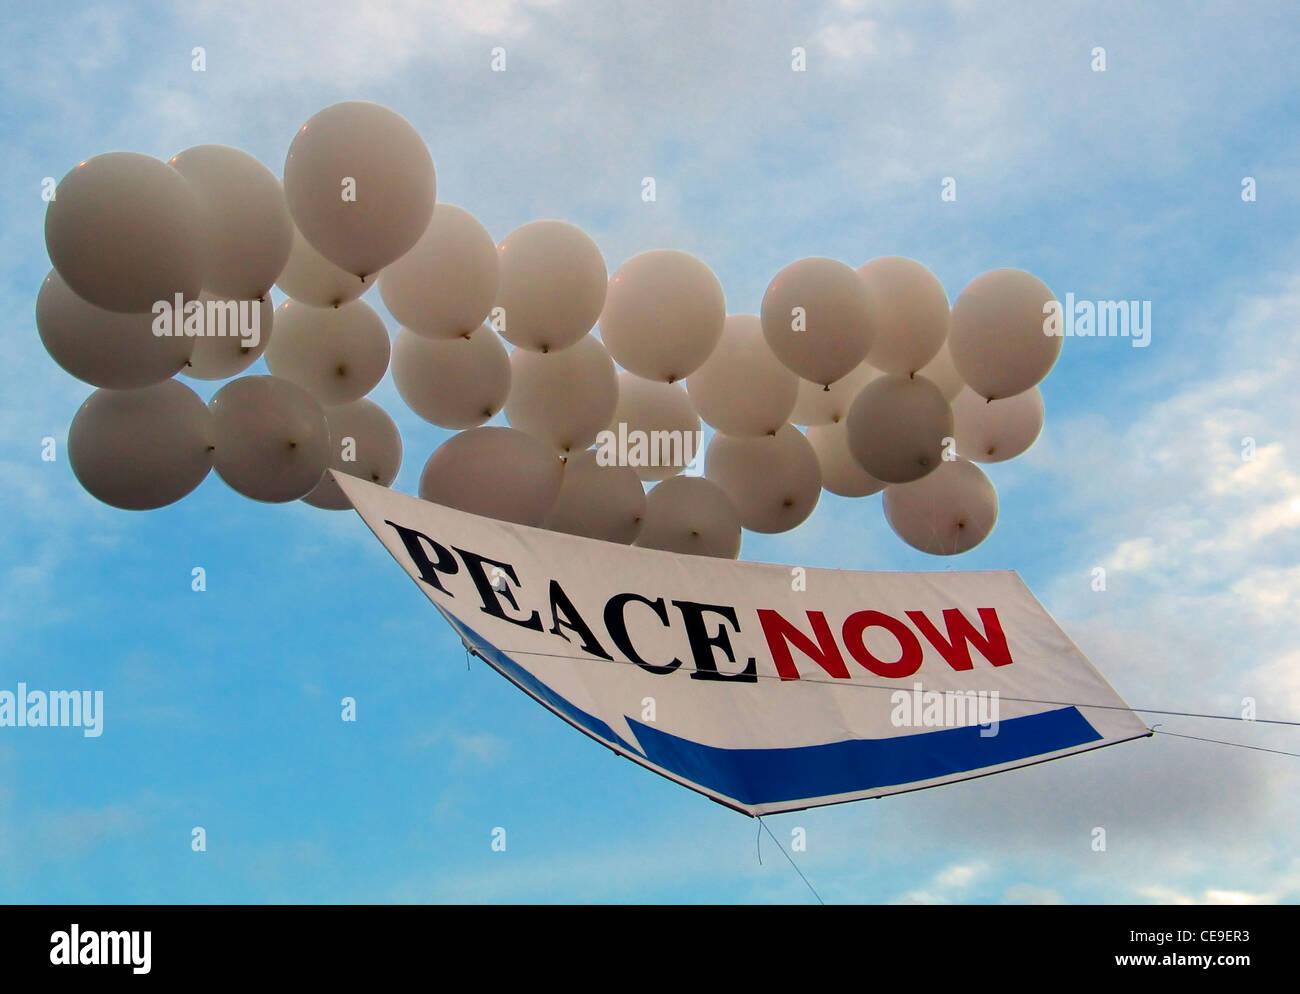 'La paix maintenant' aile gauche slogan politique lié aux ballons d'hélium dans l'air Photo Stock